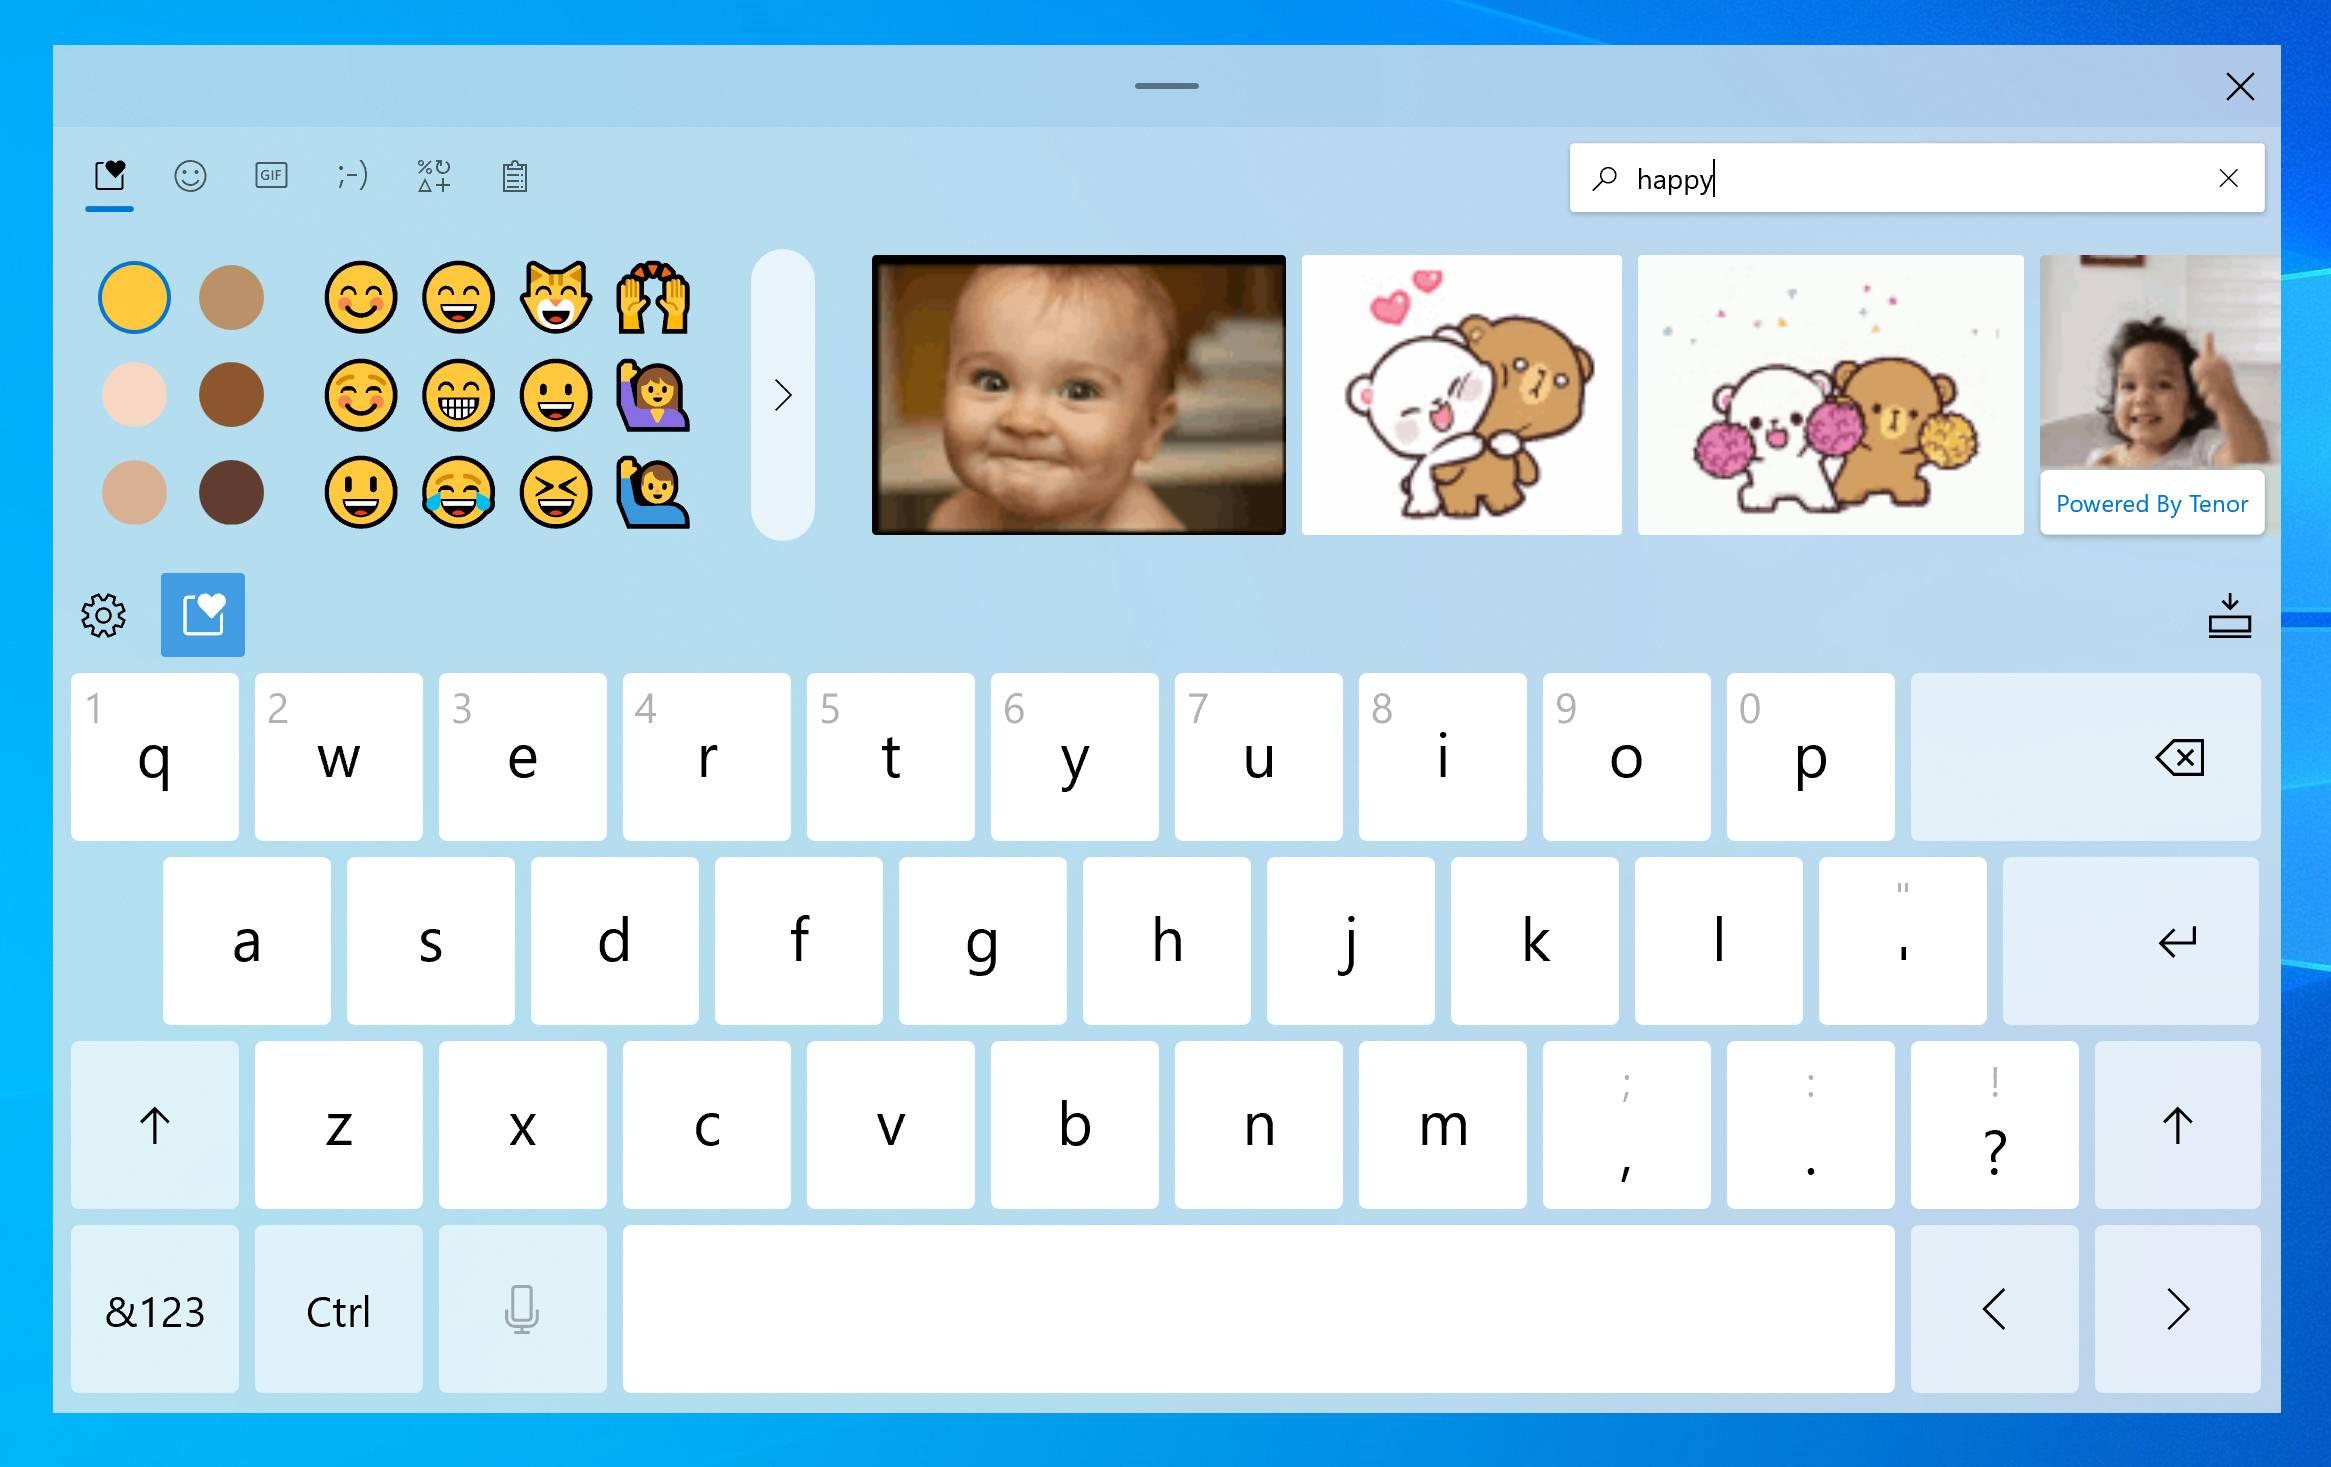 Nuevo teclado táctil con Gif y Emoji de la Build 20206 de Windows 10 Insider en el canal Dev